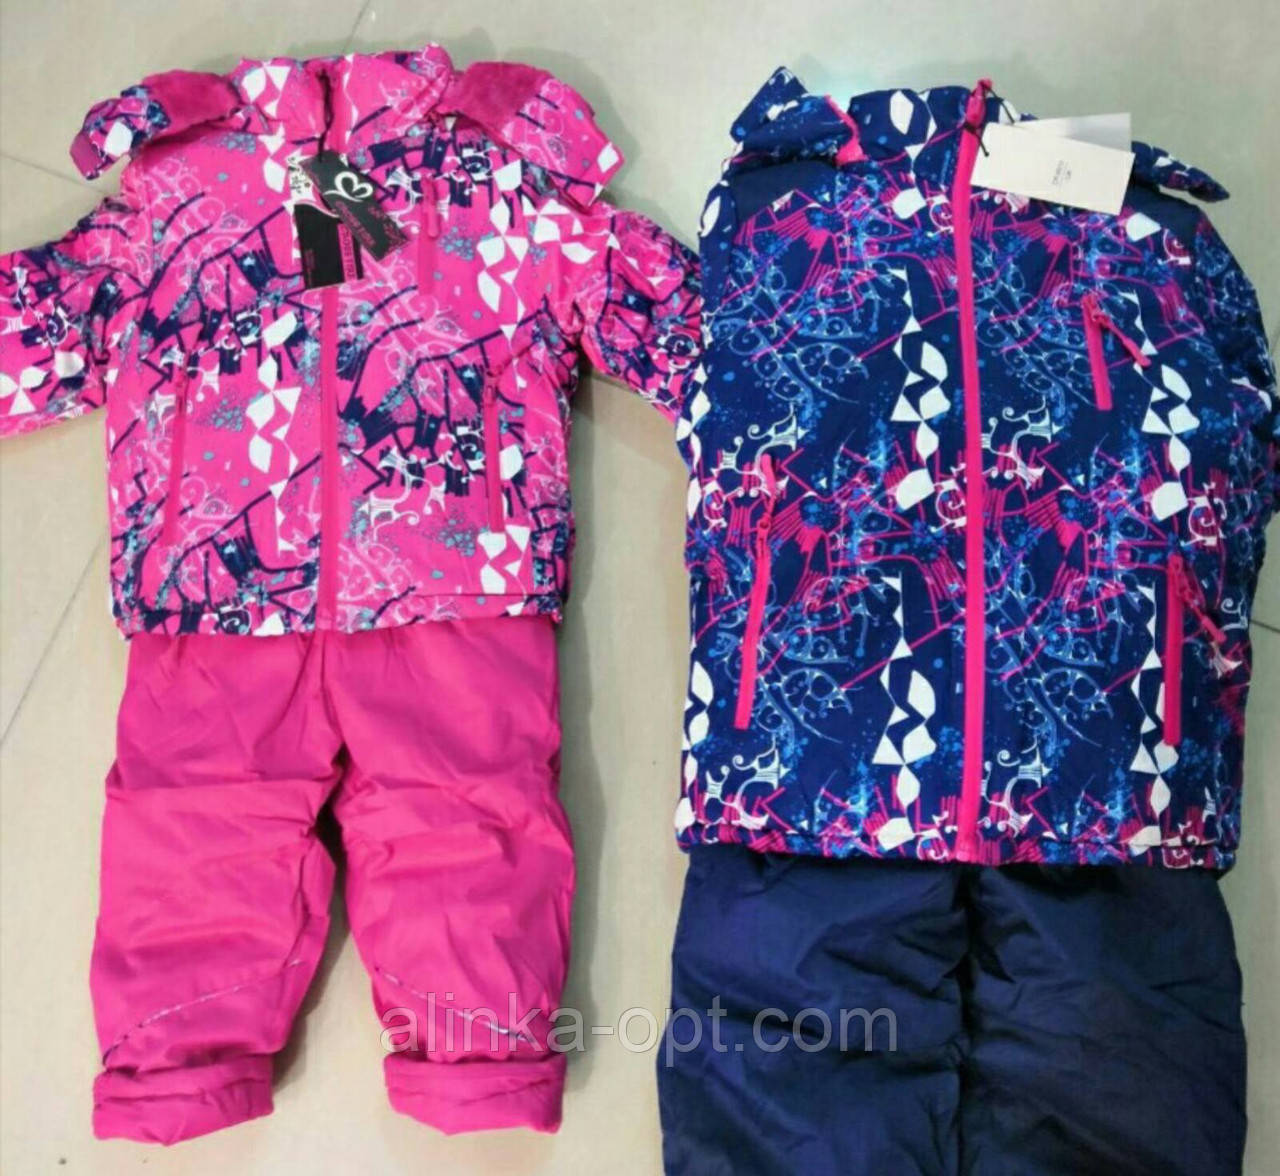 Куртка+напівкомбінезон утеплені для дівчаток Cross Fire оптом, 104-128 рр. Артикул: X8